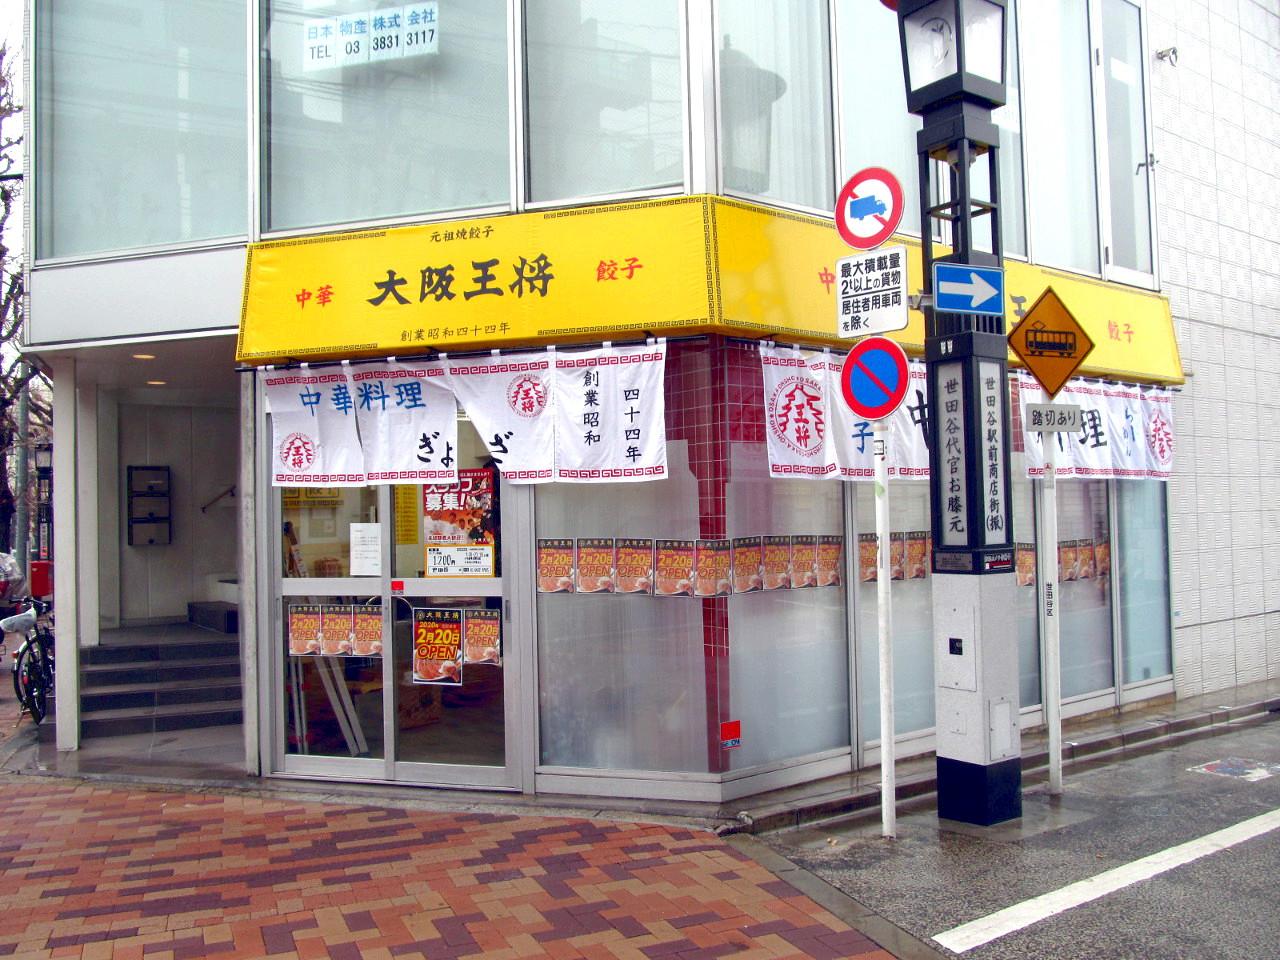 大阪王将世田谷店20200220オープンアイキャッチ20200217調整後